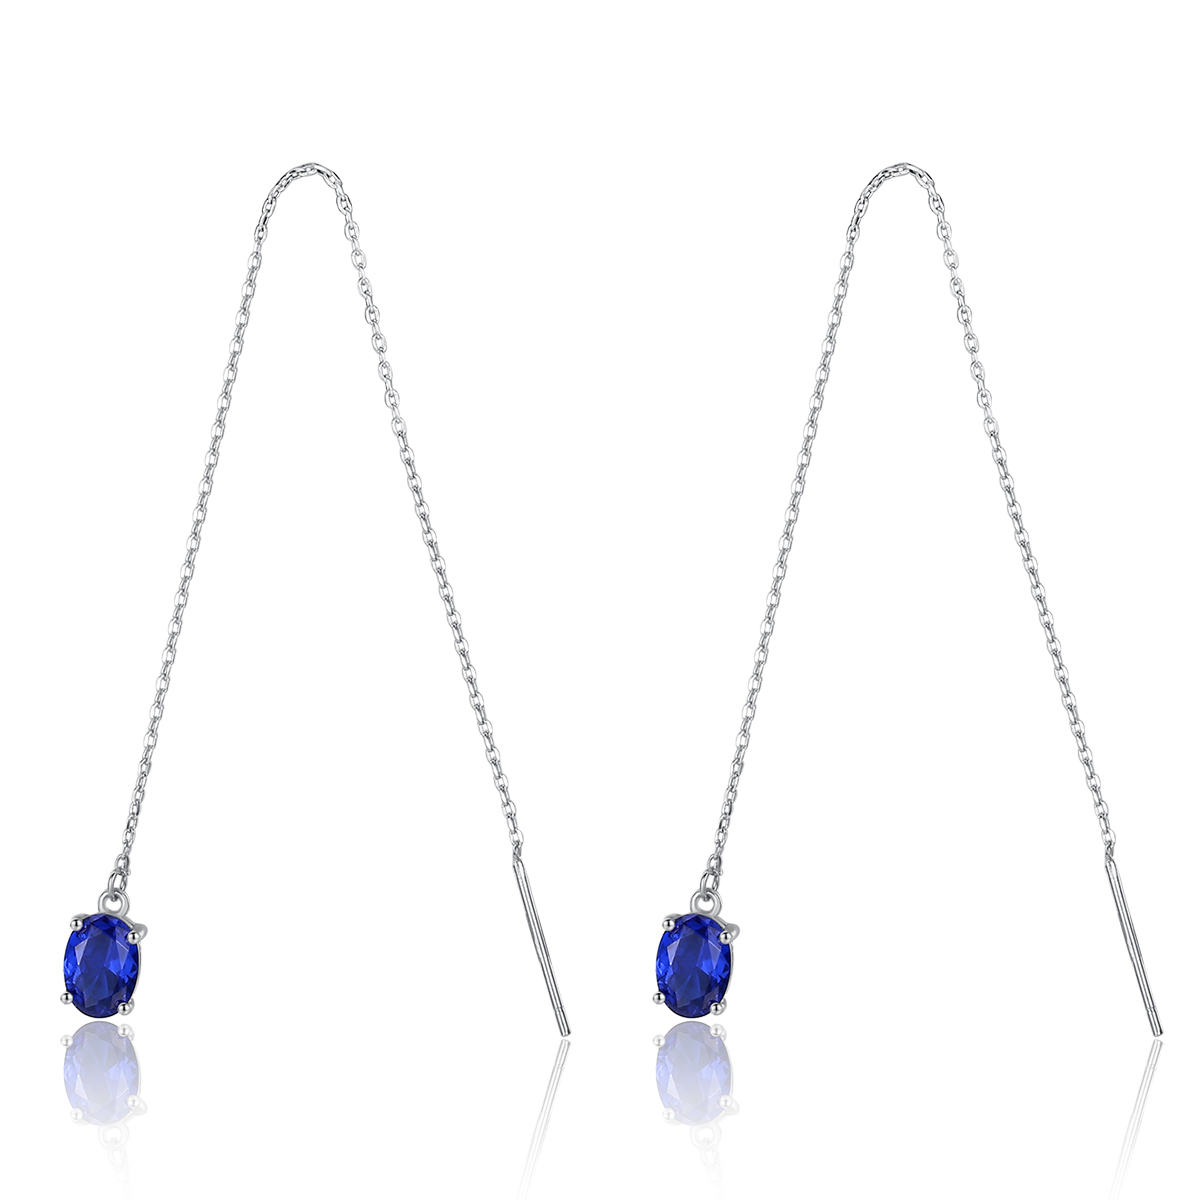 Fenchen Link-Chain Earrring Topaz-Tassel Fine-Jewelry 925-Sterling-Silver Women Long